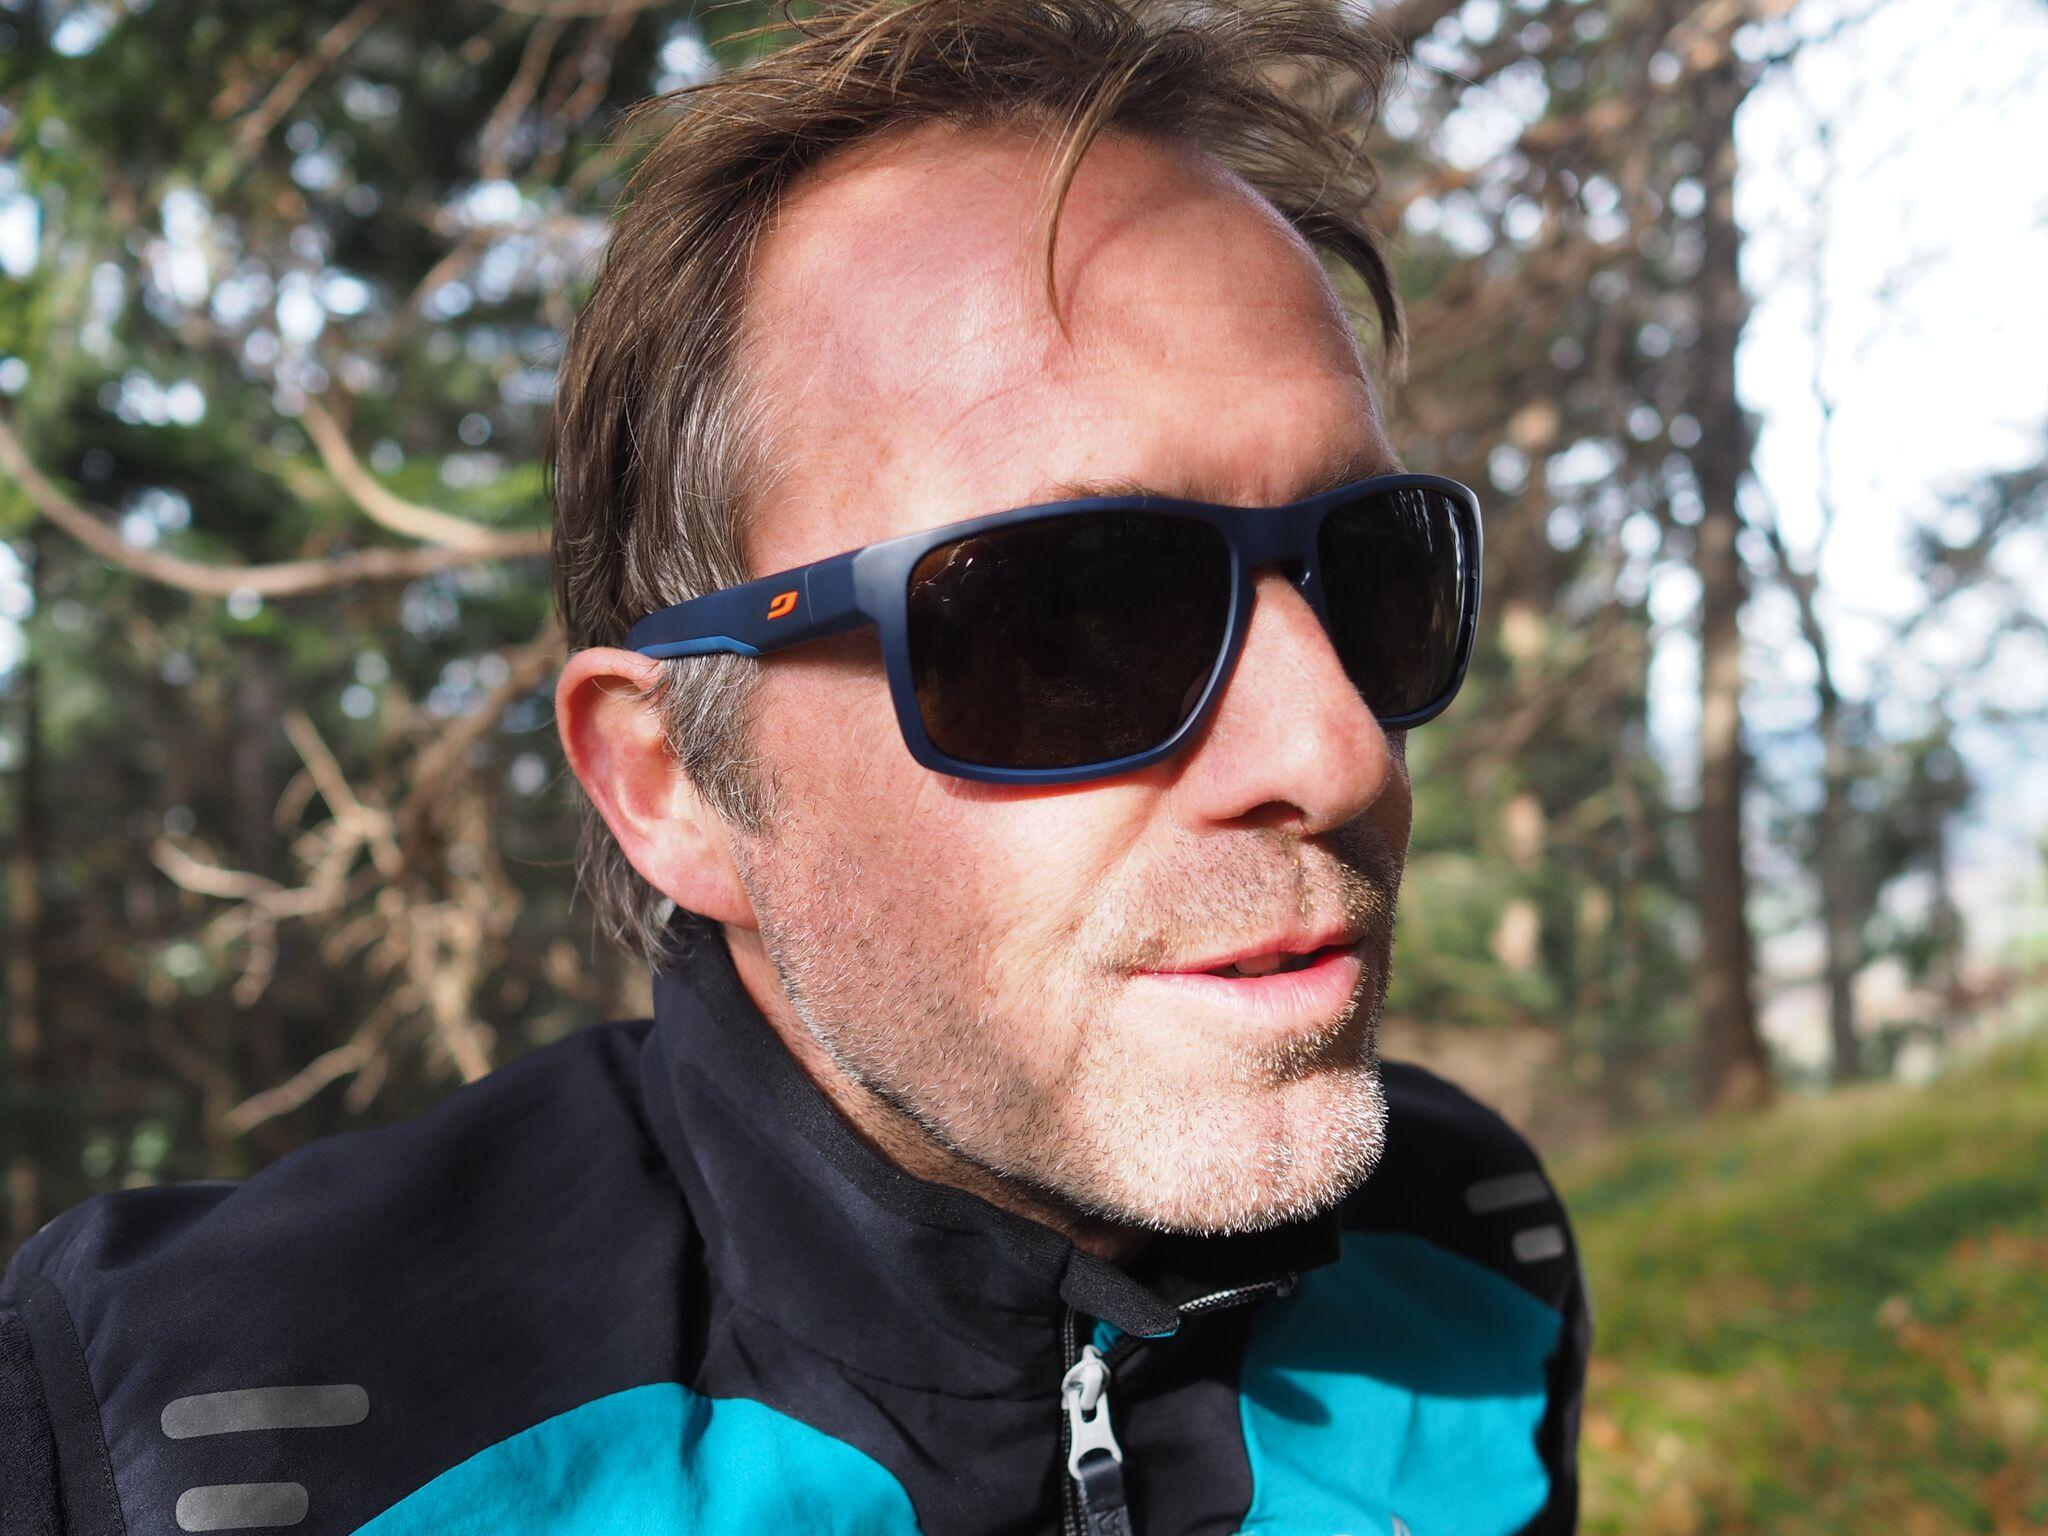 Gletscherbrille Shield Experience von Julbo